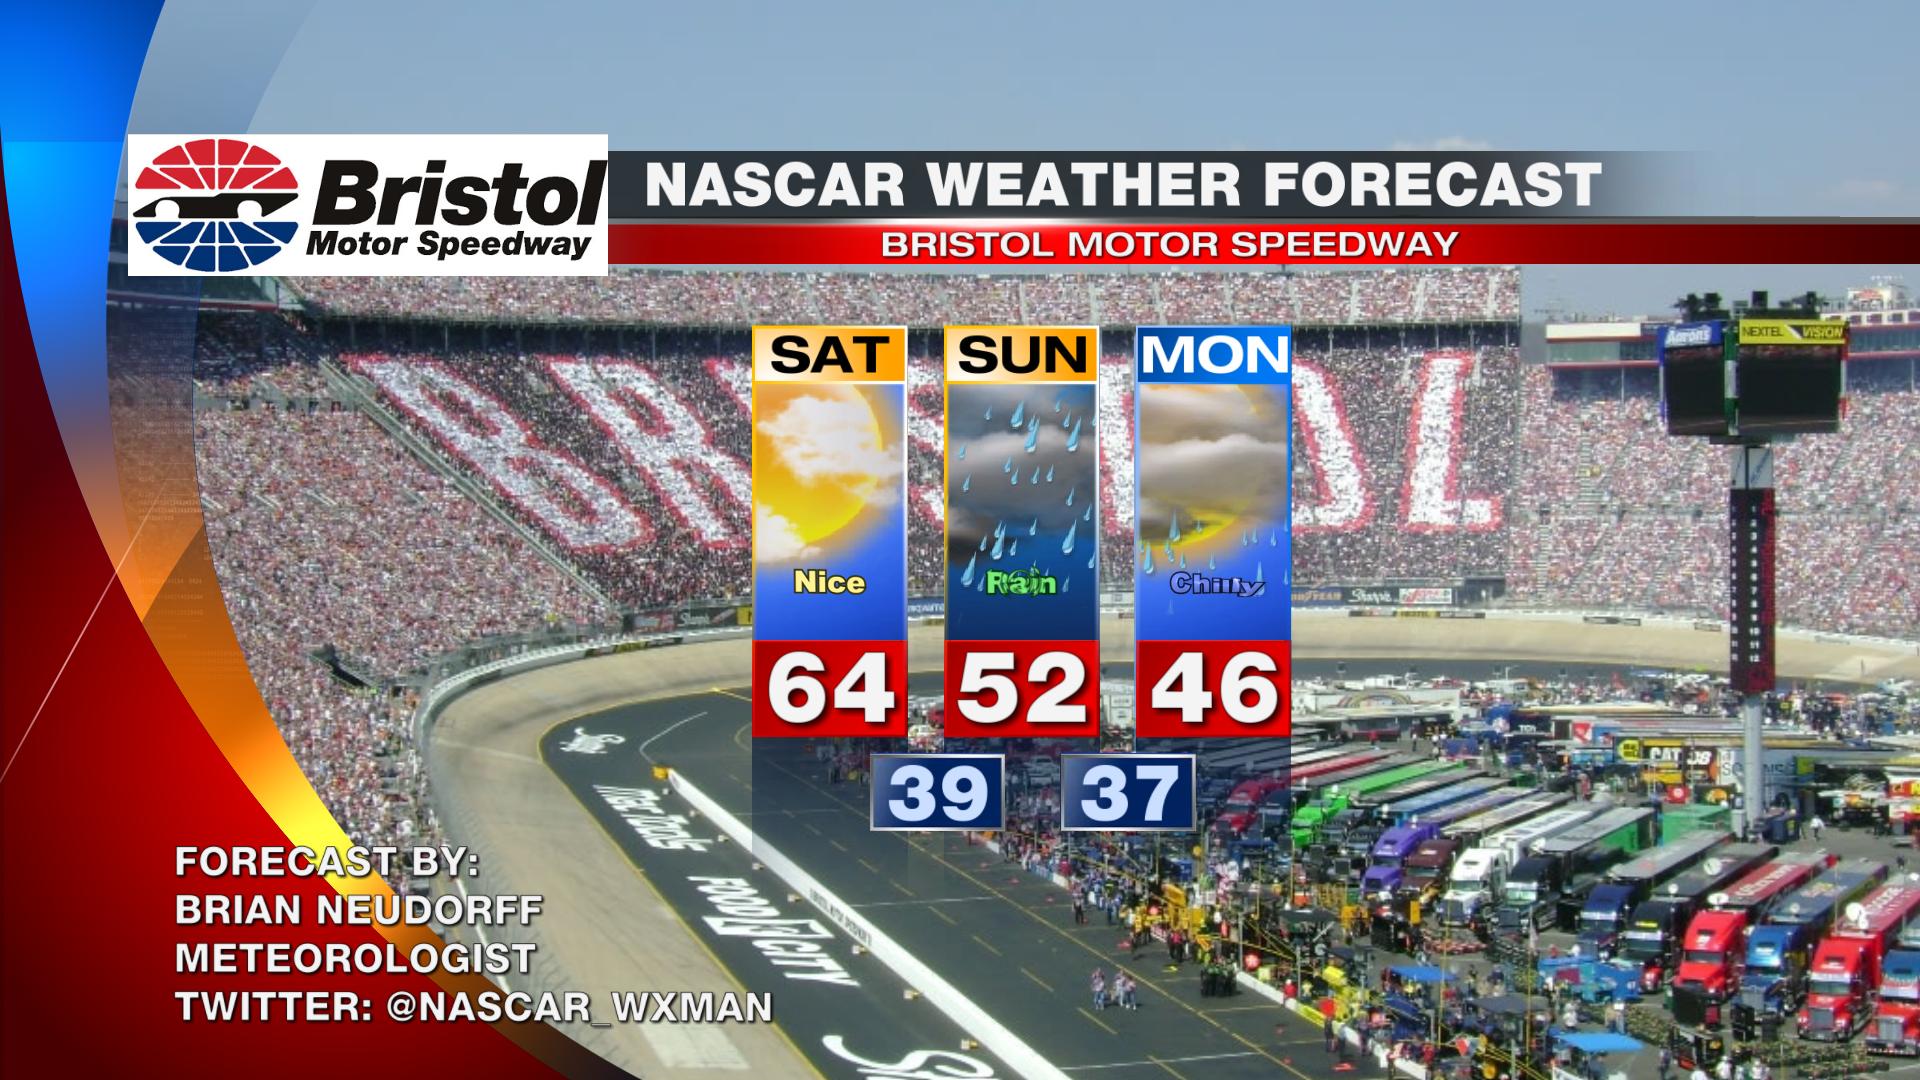 2014 NASCAR at Bristol Motor Speedway: Rainy weather forecast Sunday